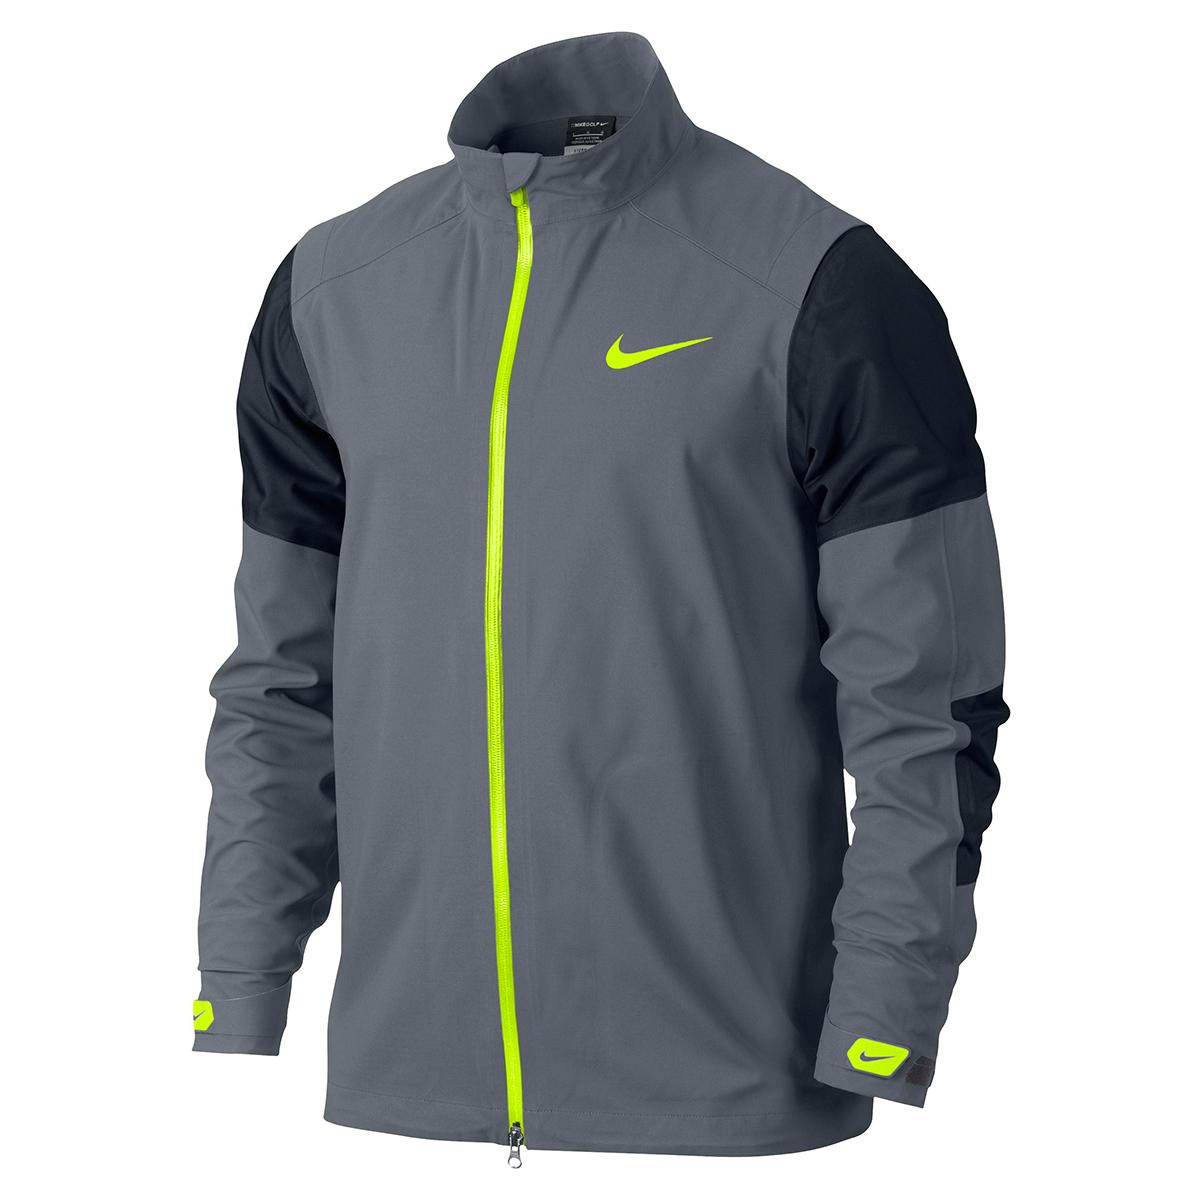 Nike Golf Storm-FIT Hyperadapt Jacket